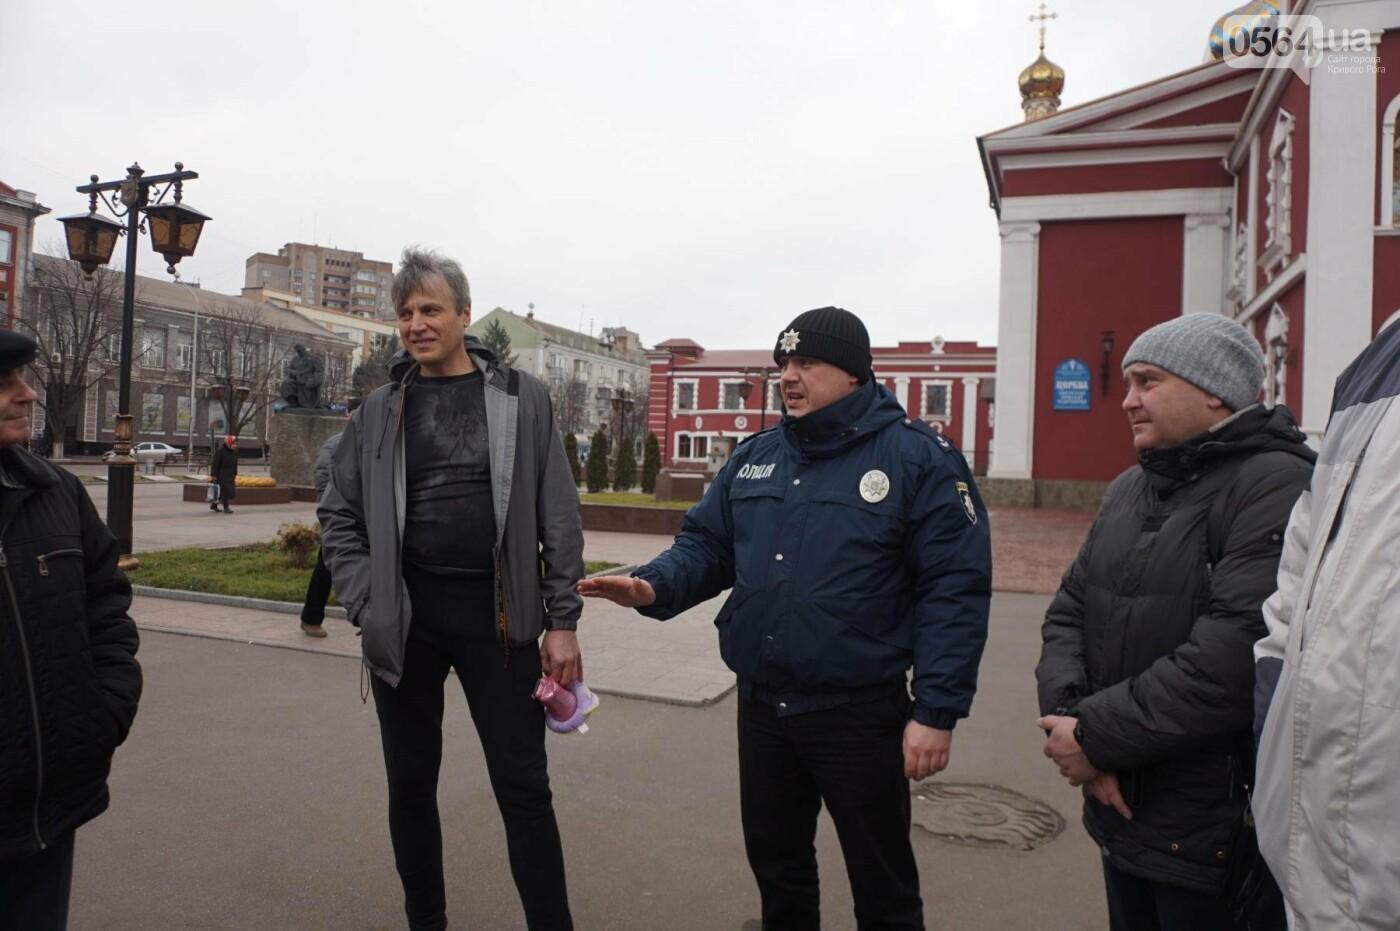 Криворожане, протестуя против политики УПЦ Московского патриархата,  принесли игрушки к храму (ФОТО, ВИДЕО), фото-2